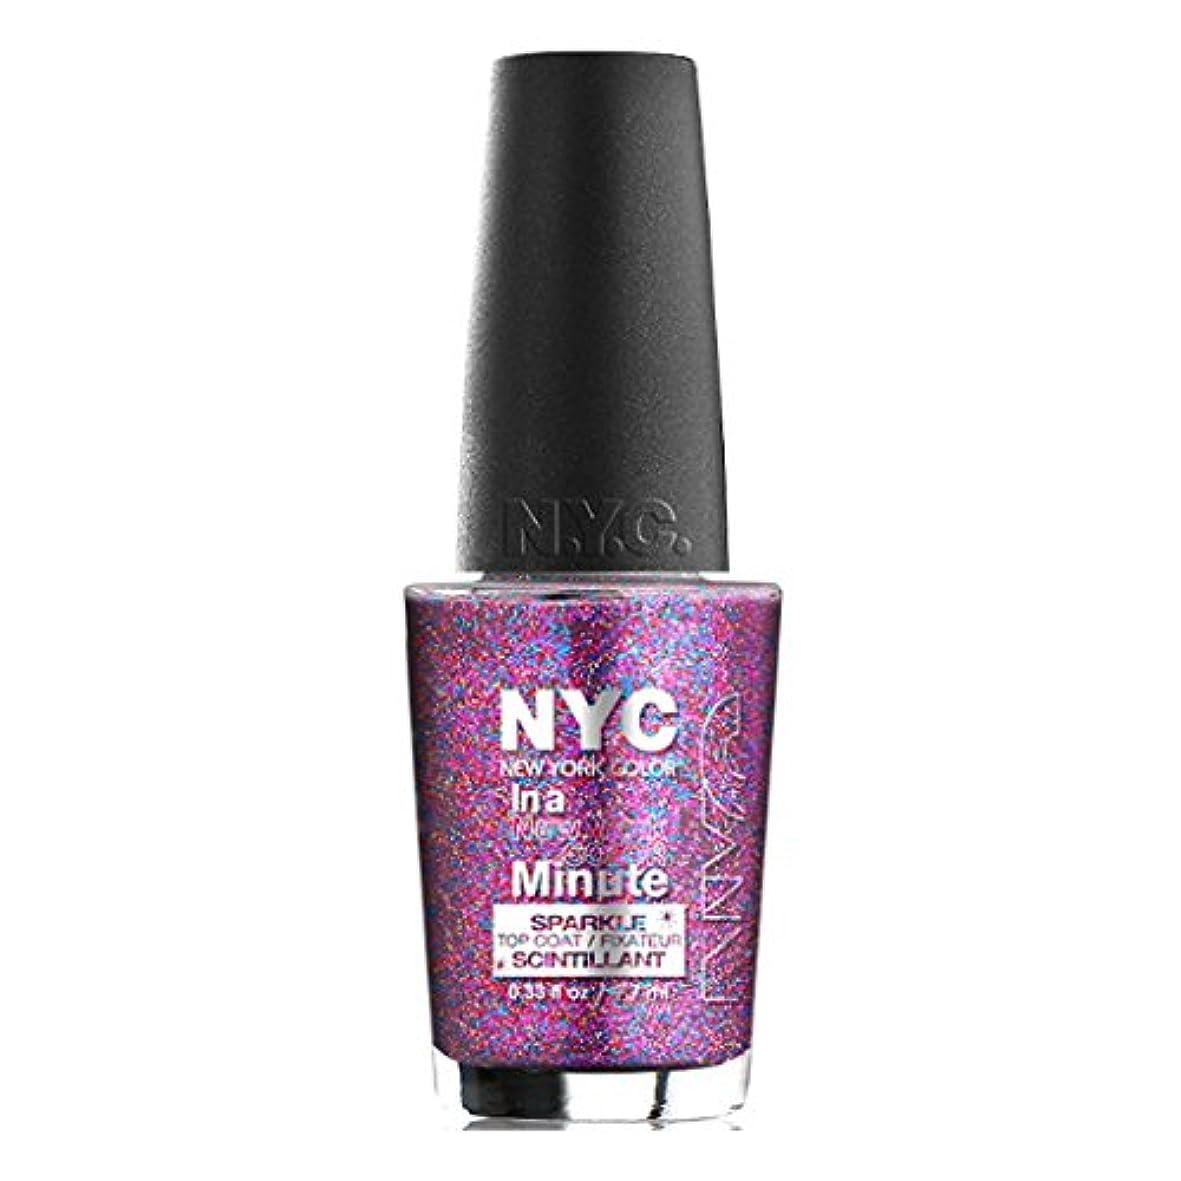 ネットかき混ぜる提出する(6 Pack) NYC In A New York Color Minute Sparkle Top Coat - Big City Dazzle (並行輸入品)